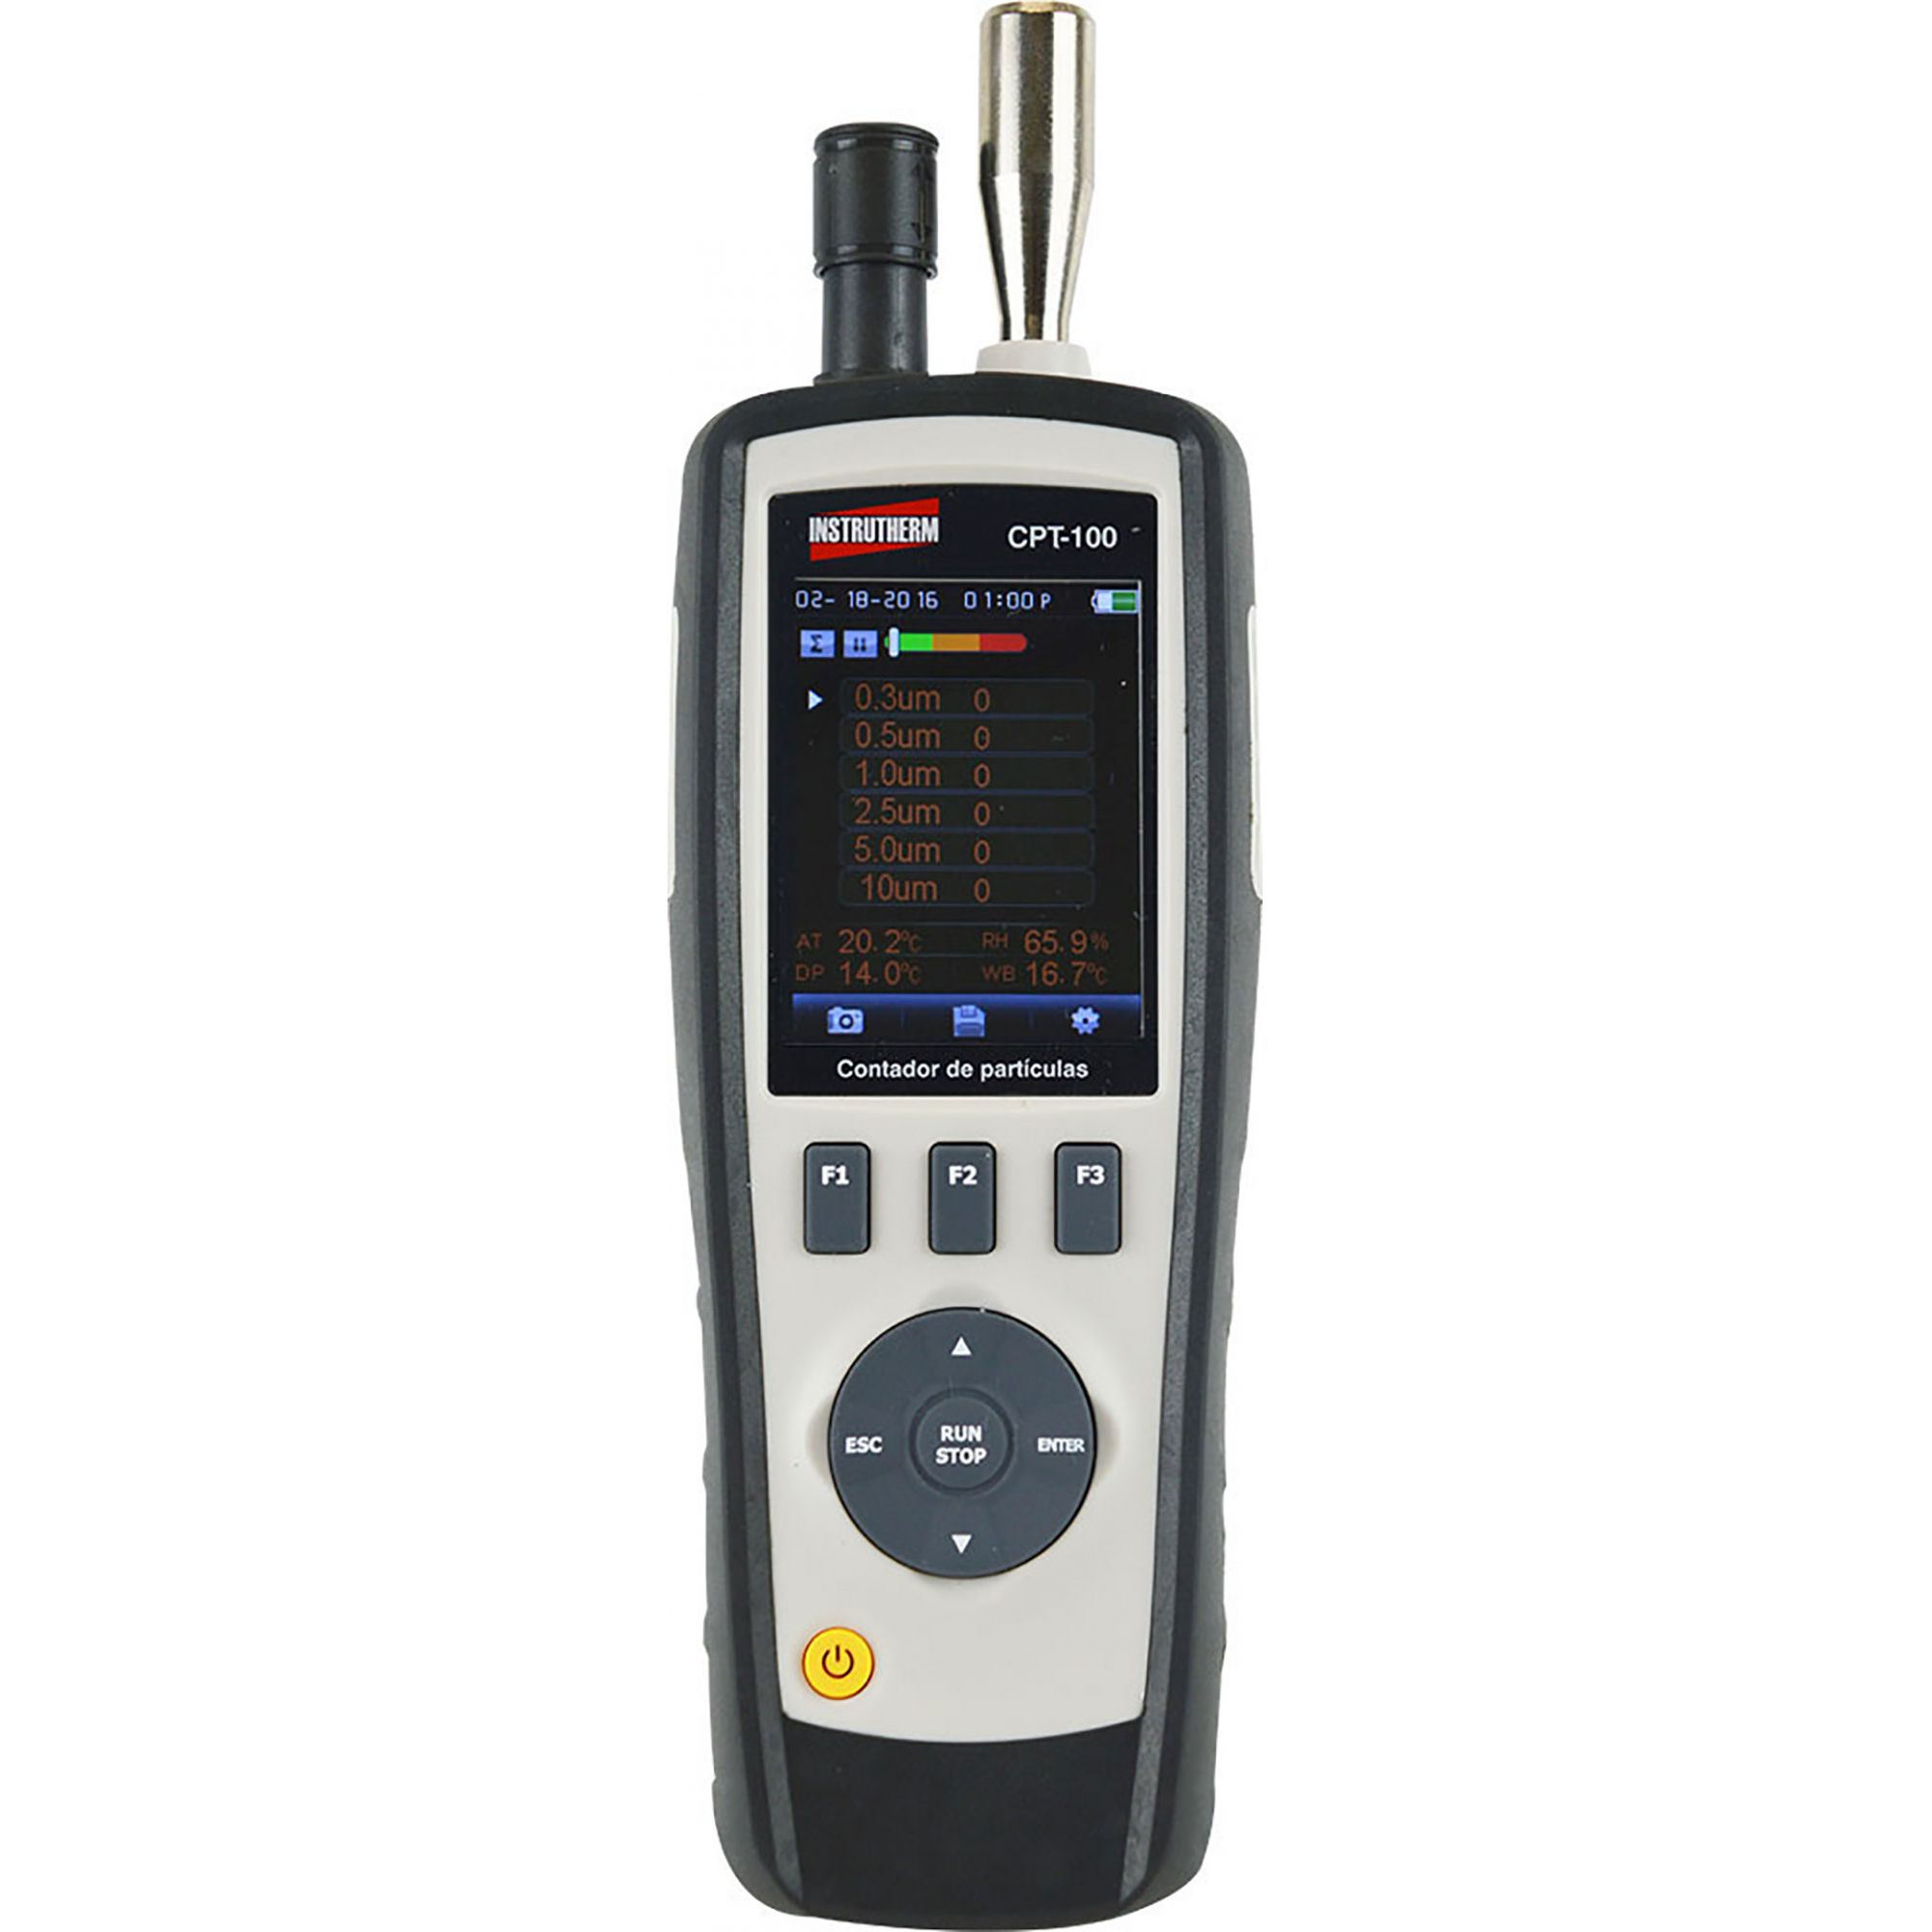 Contador de partículas MOD. CPT-100 com interface USB e cartão MICRO SD